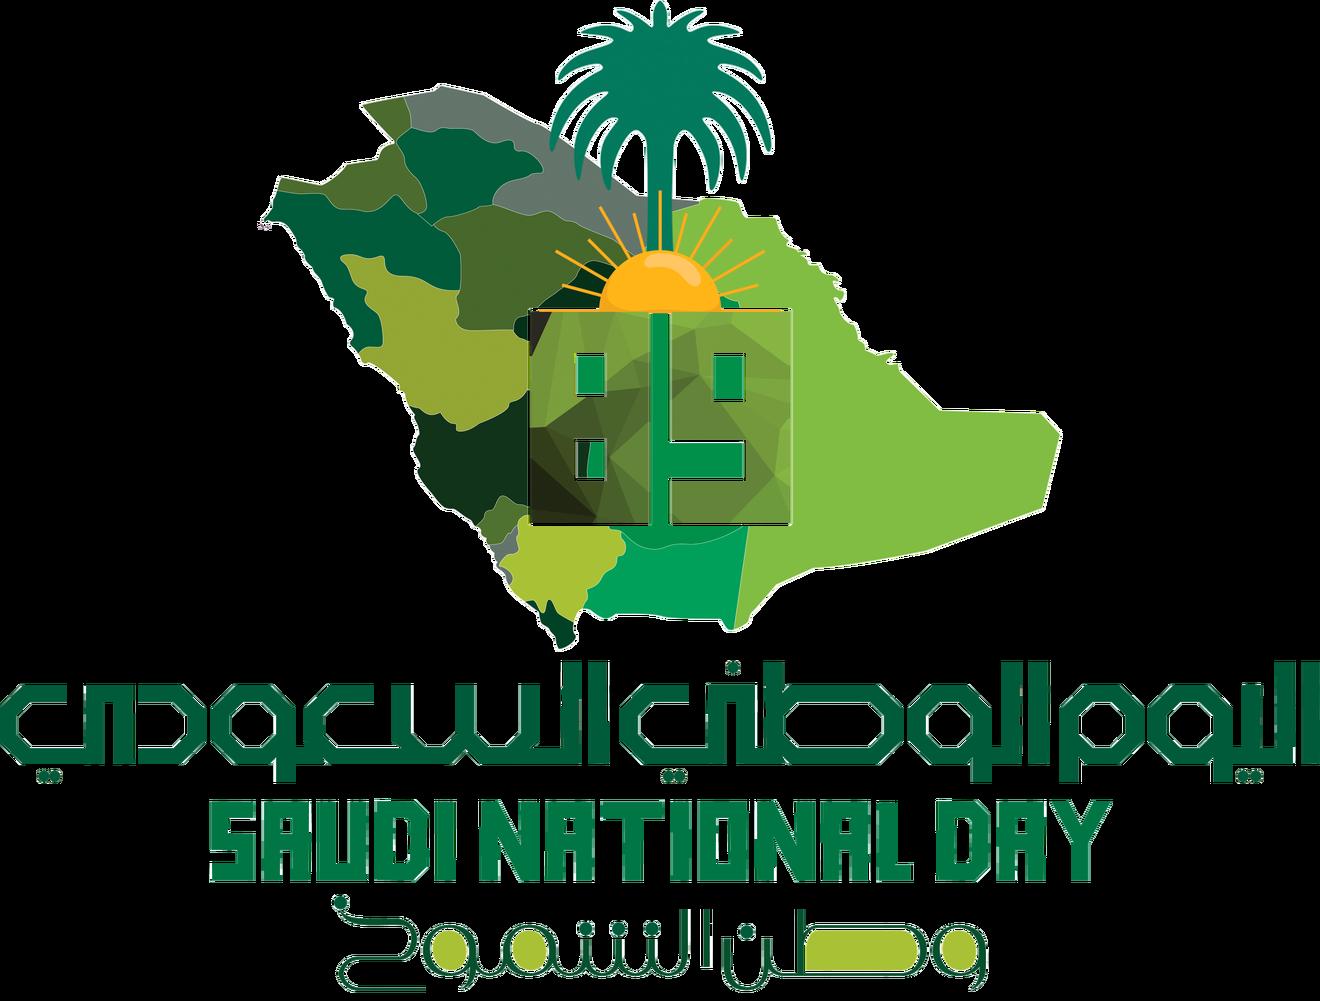 تصاميم لليوم الوطني 89 بجودة عالية صور Hd لليوم الوطني السعودي 1441 مجلة رجيم 3d Logo Design Free Prints National Day